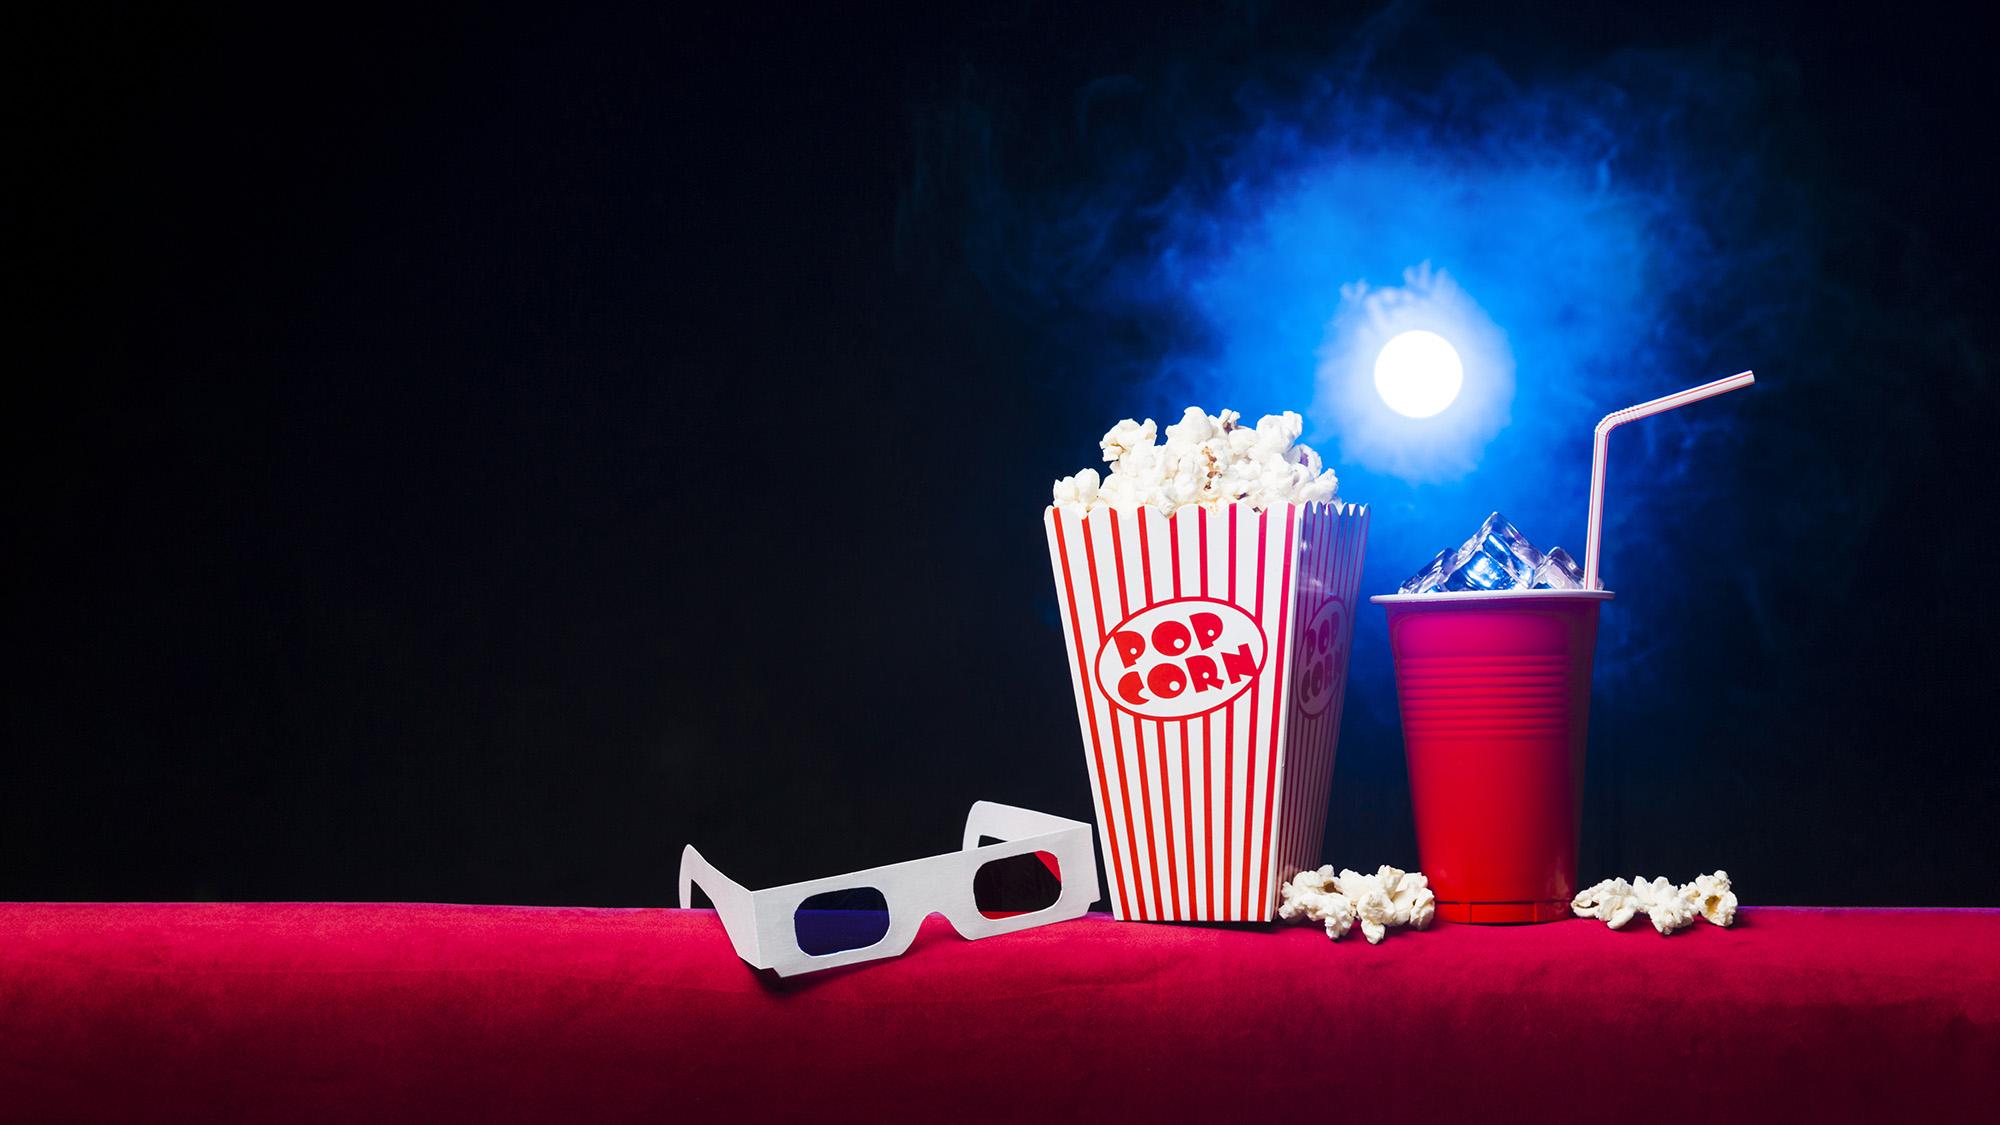 kultik_sky_cinema.jpg